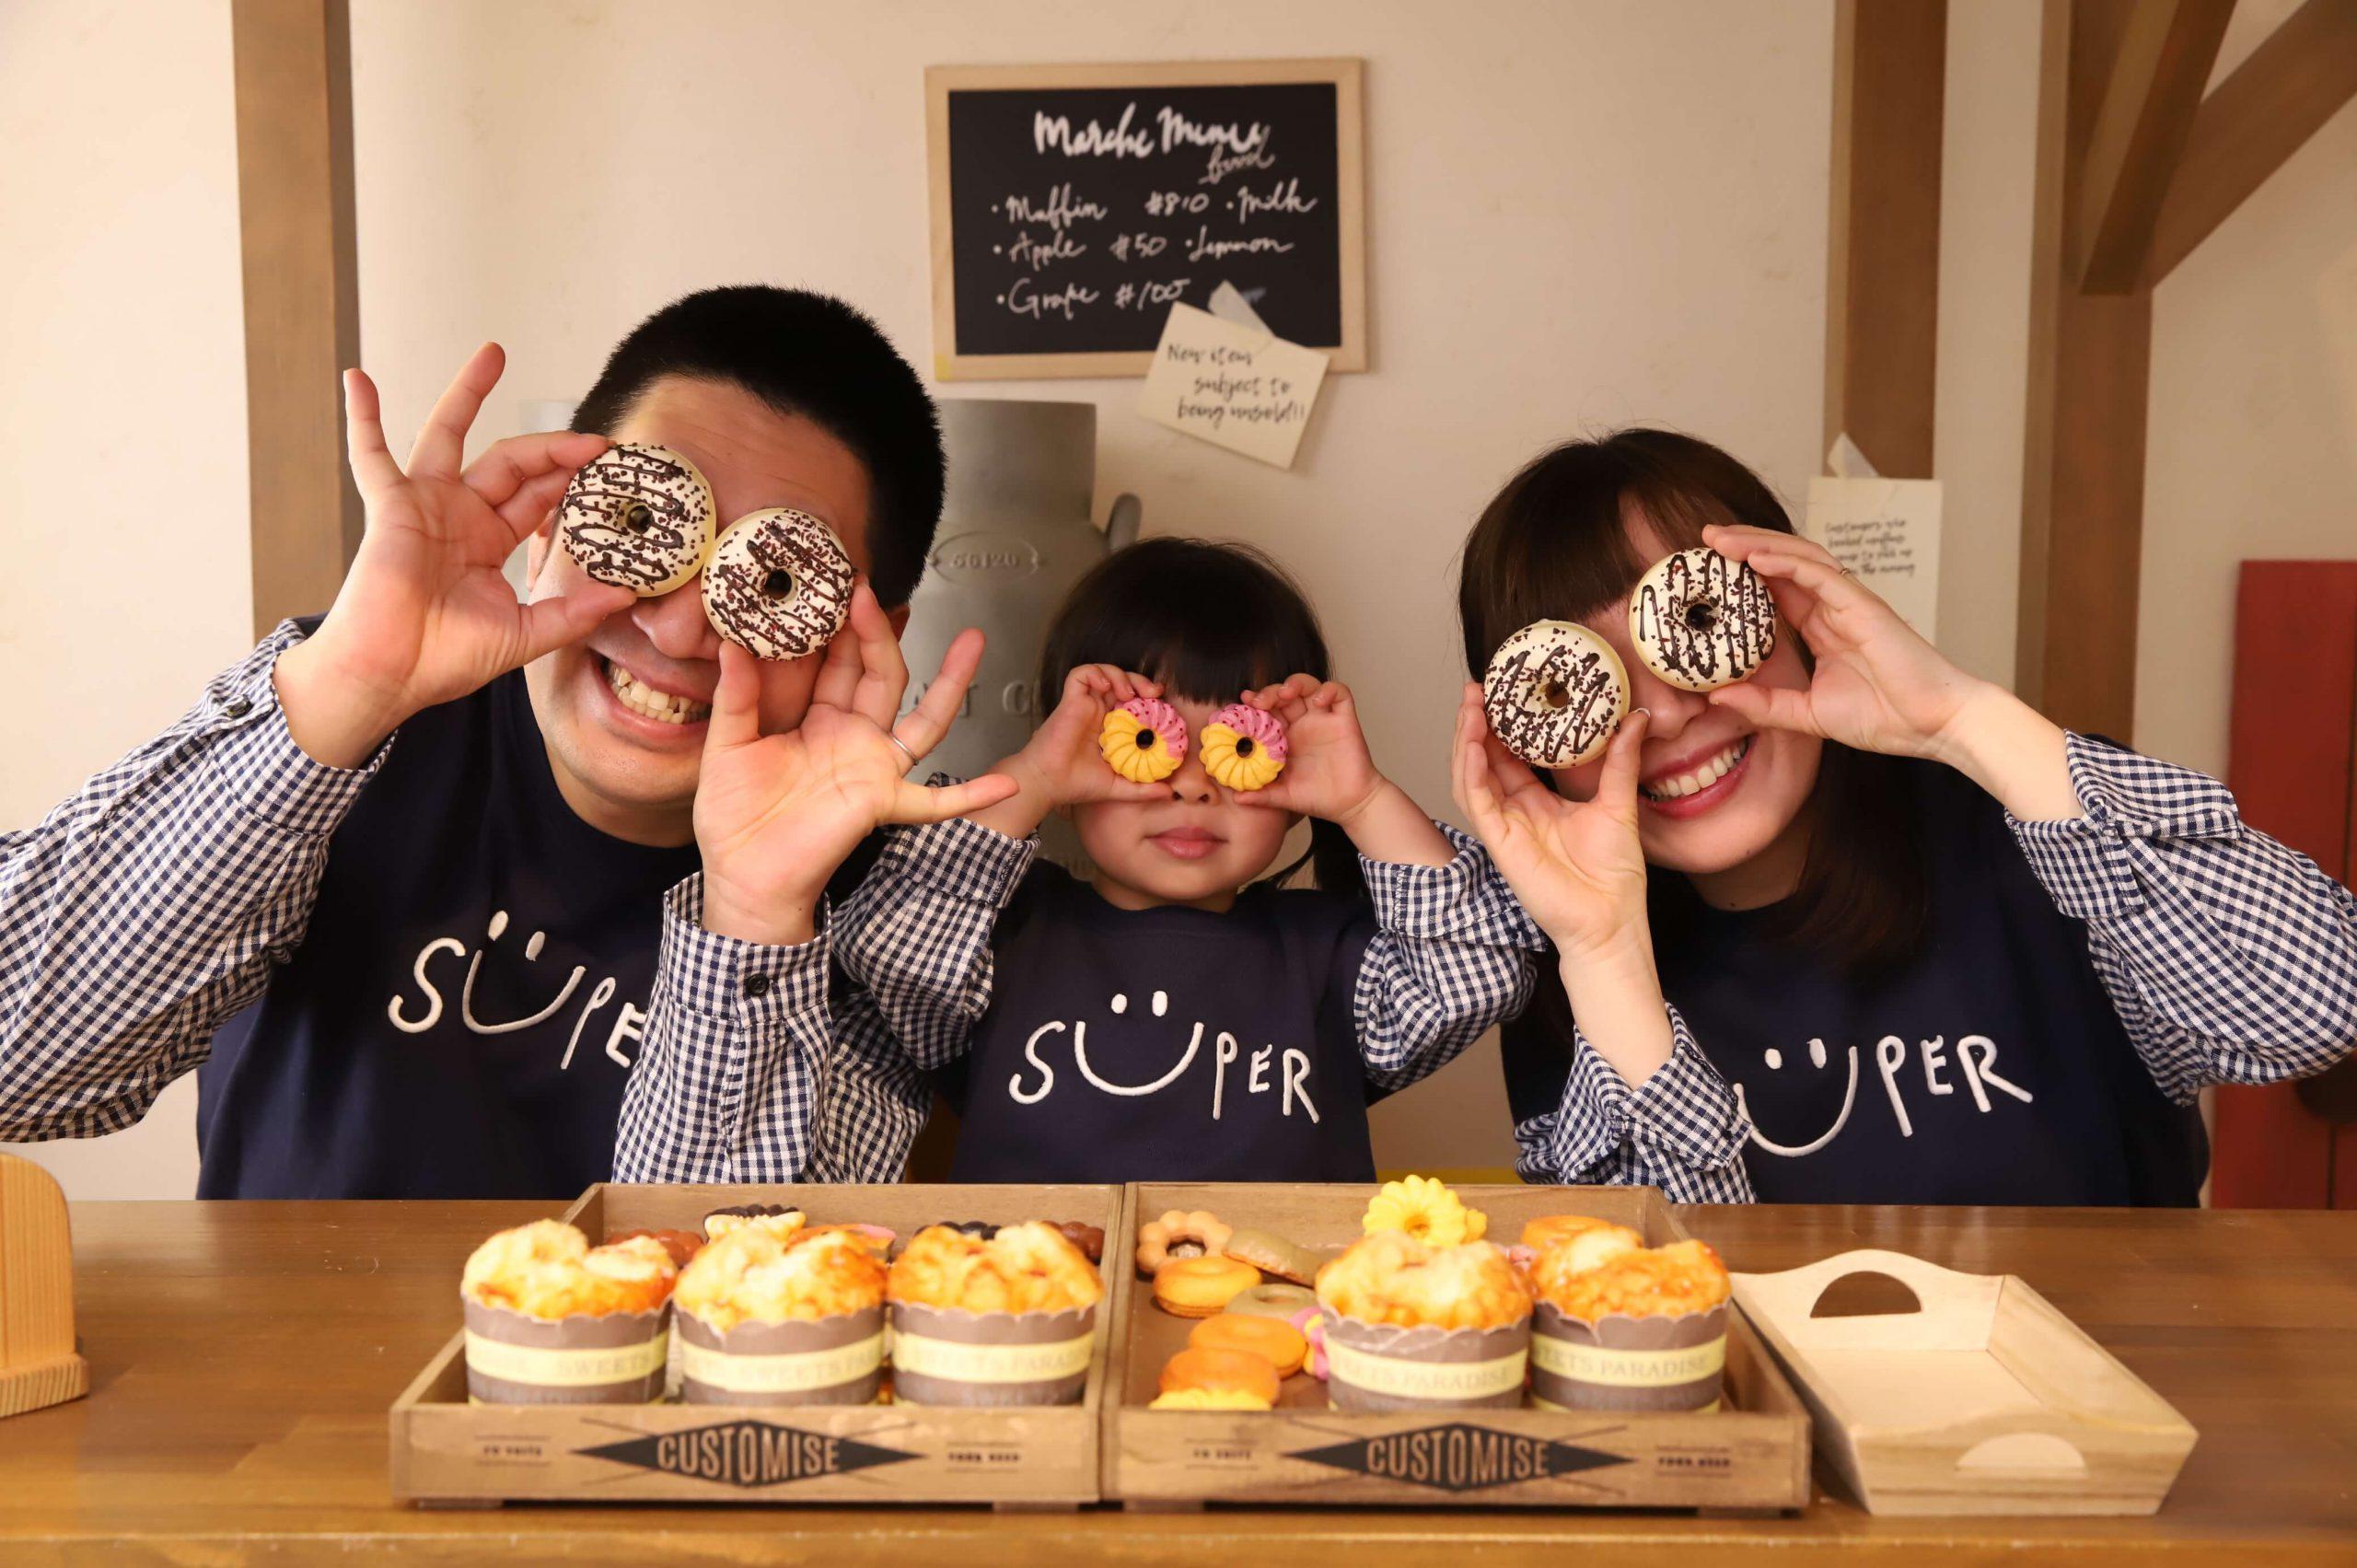 札幌西店の家族撮影はどんな雰囲気で撮れる??スタジオ毎のオススメスポット徹底解説!【Part.2】